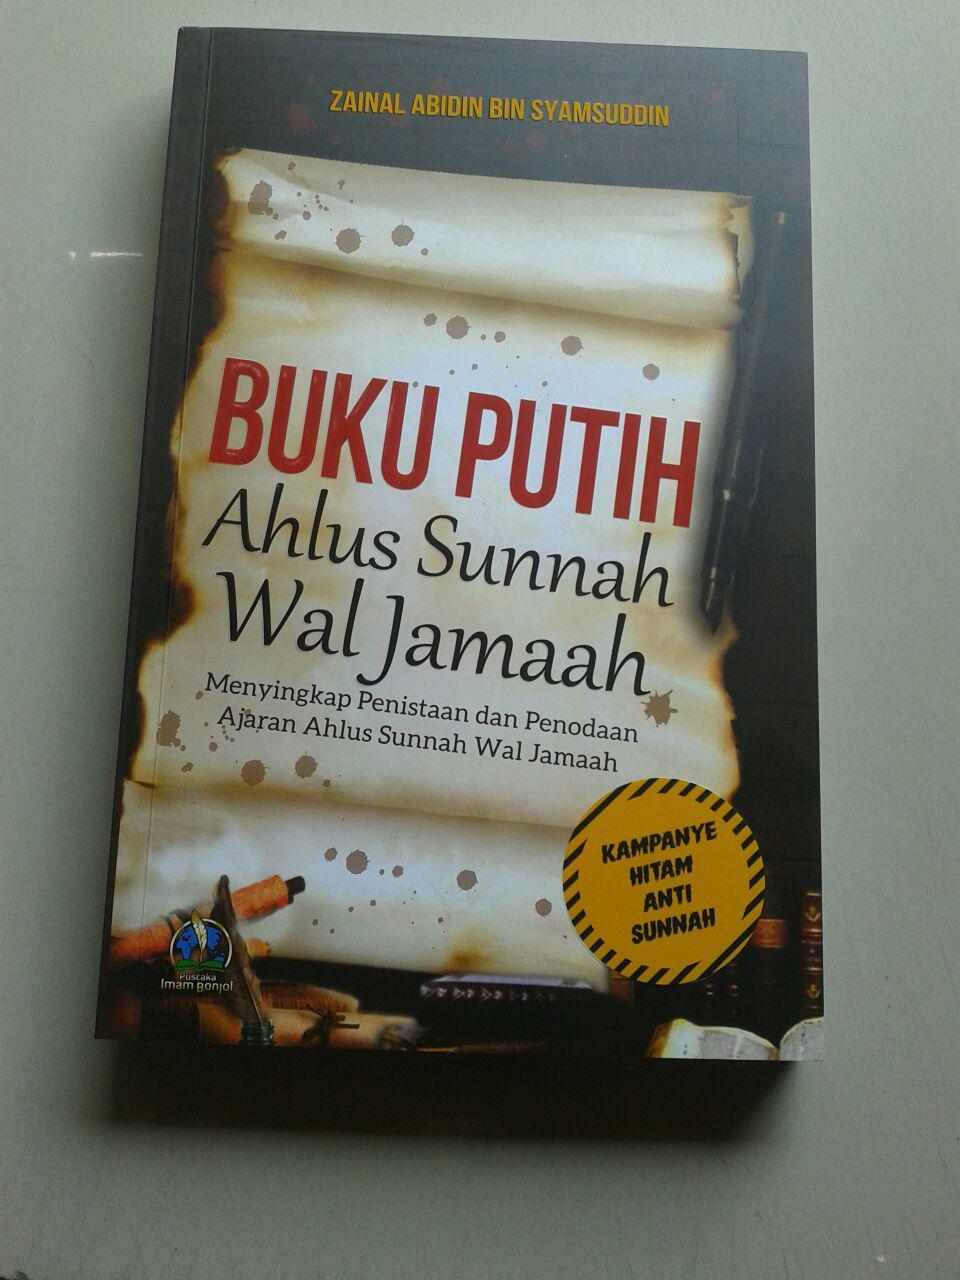 Buku Putih Ahlus Sunnah Wal Jamaah Menyingkap Penistaan Dan Penodaan cover 2